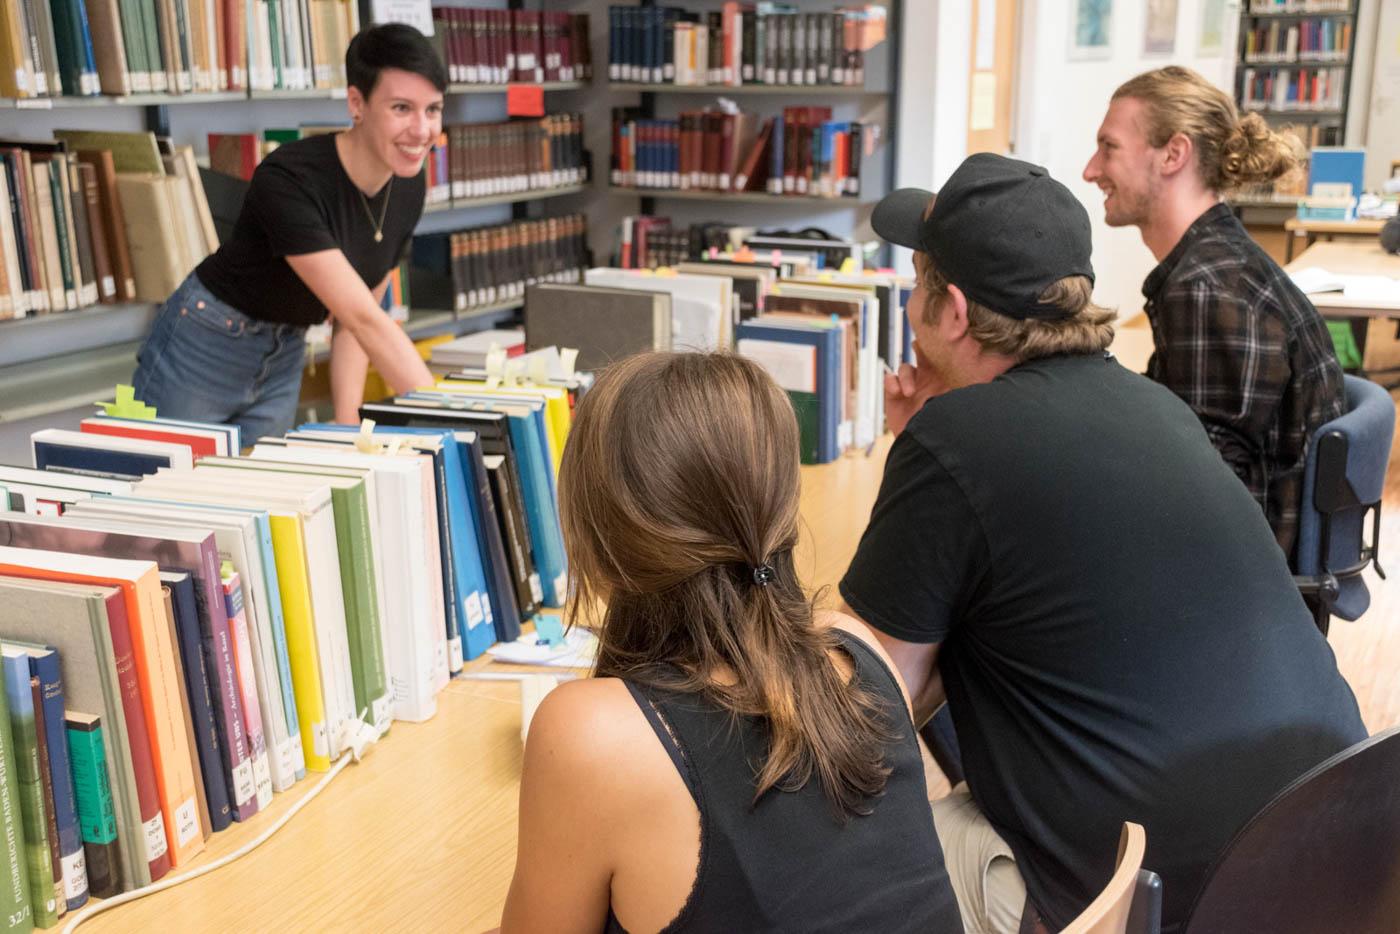 Samira erklärt drei Studierenden etwas